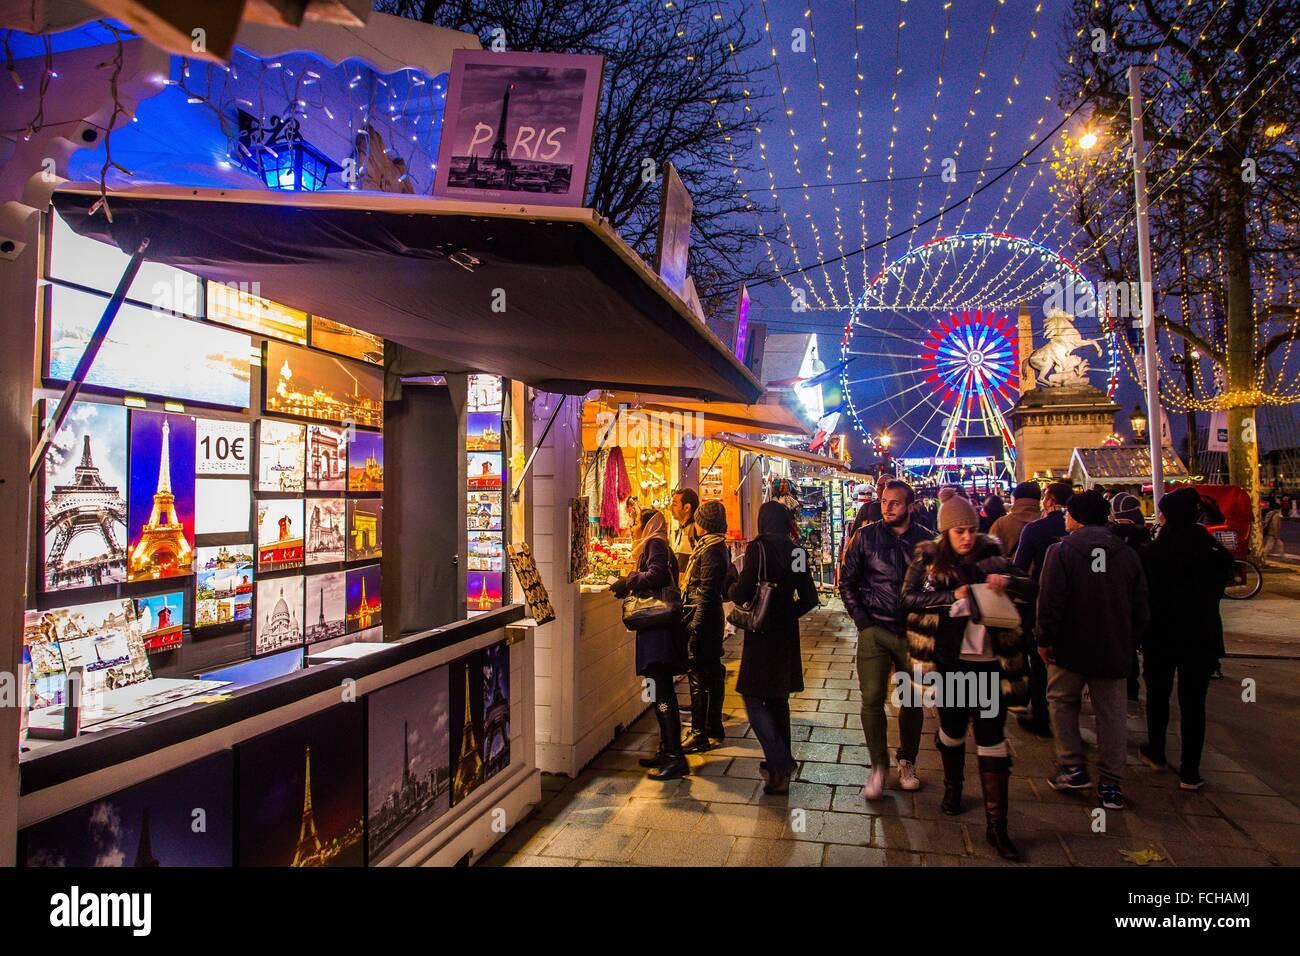 Paris Weihnachtsmarkt.Weihnachtsmarkt Champs Elysee Paris Stockfoto Bild 93809314 Alamy